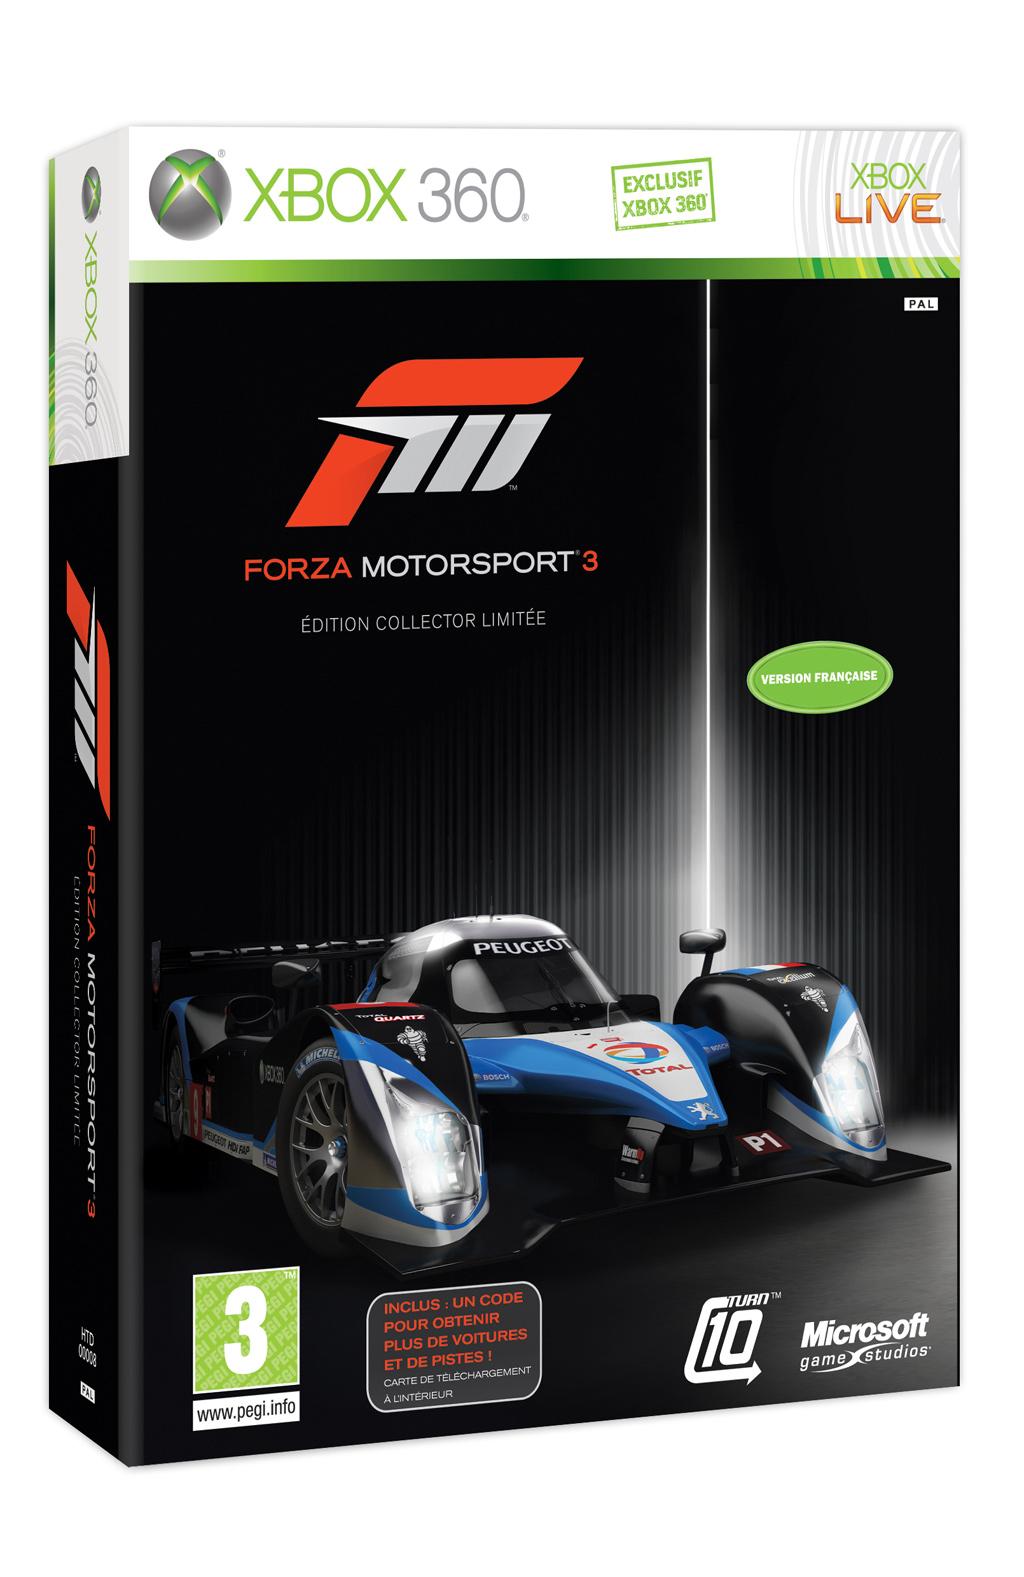 Forza3 collector 001